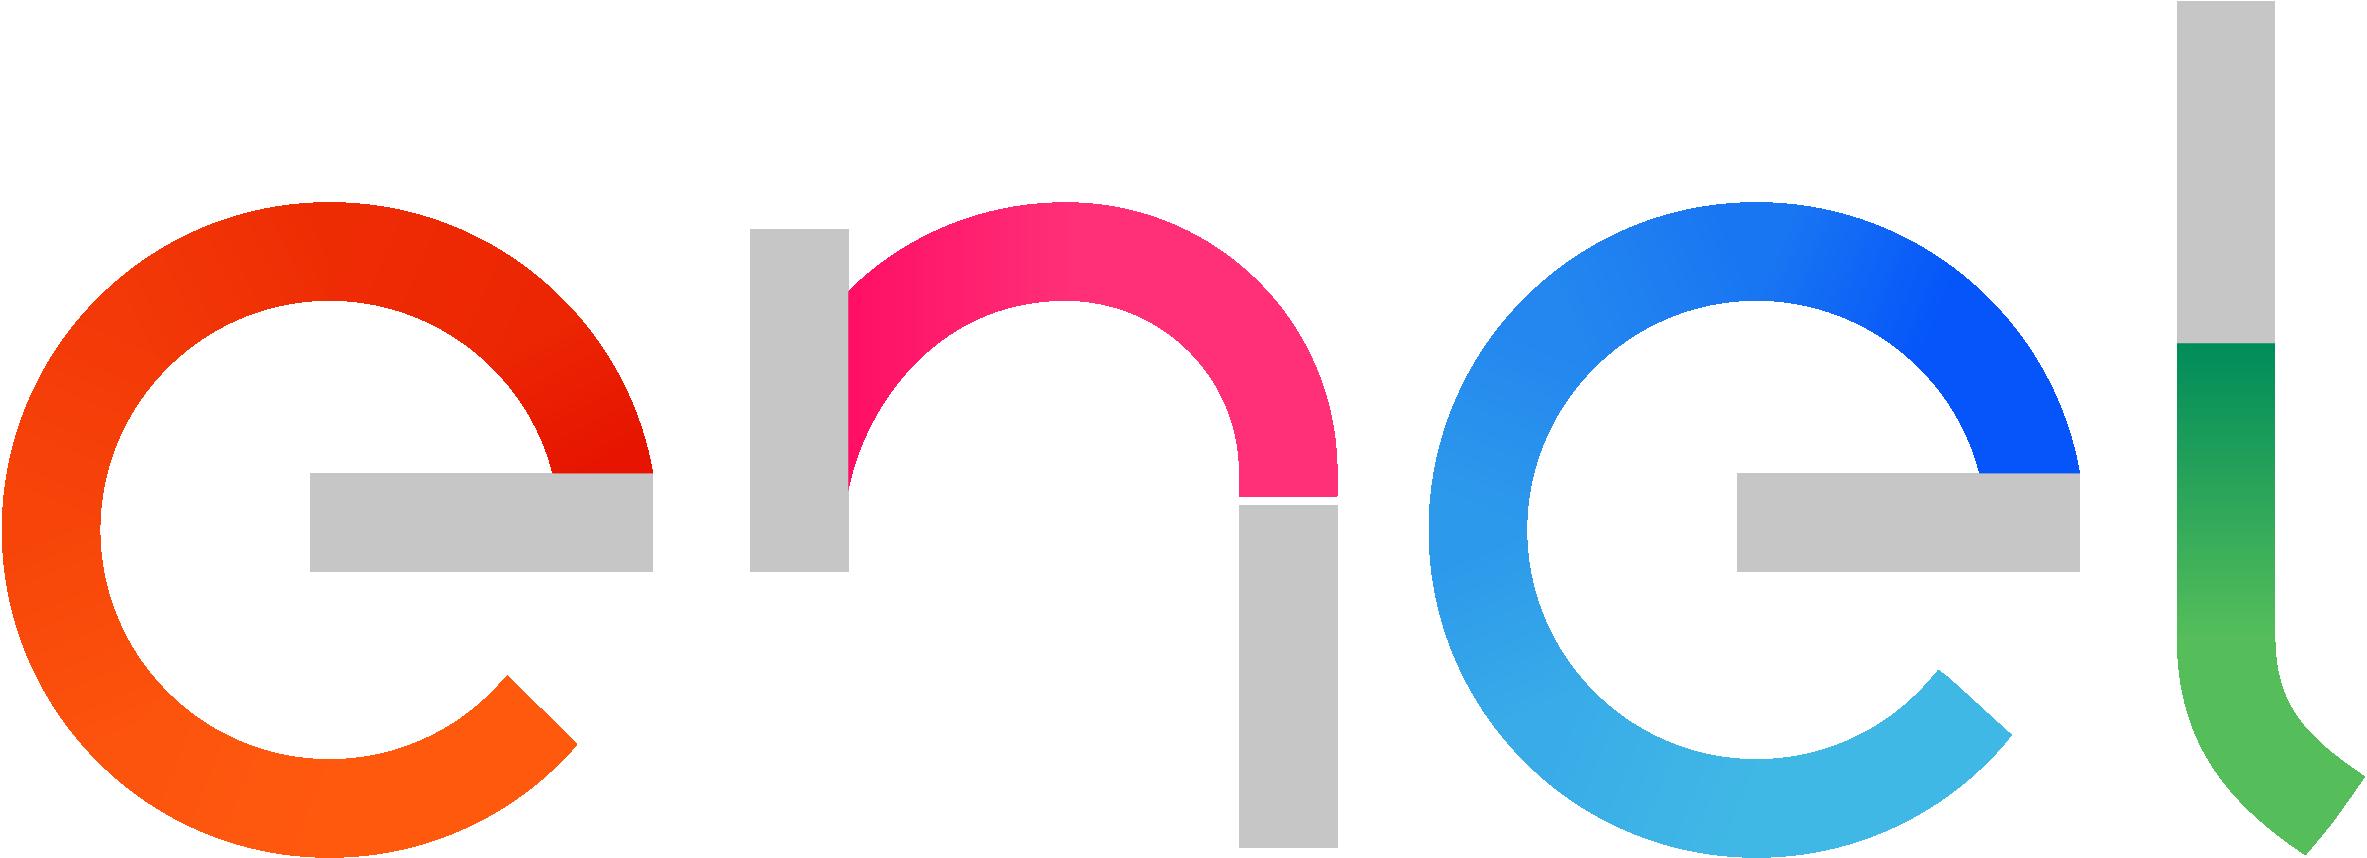 Presentato ai mercati finanziari e ai media il Piano Strategico del Gruppo Enel per il 2017-2019